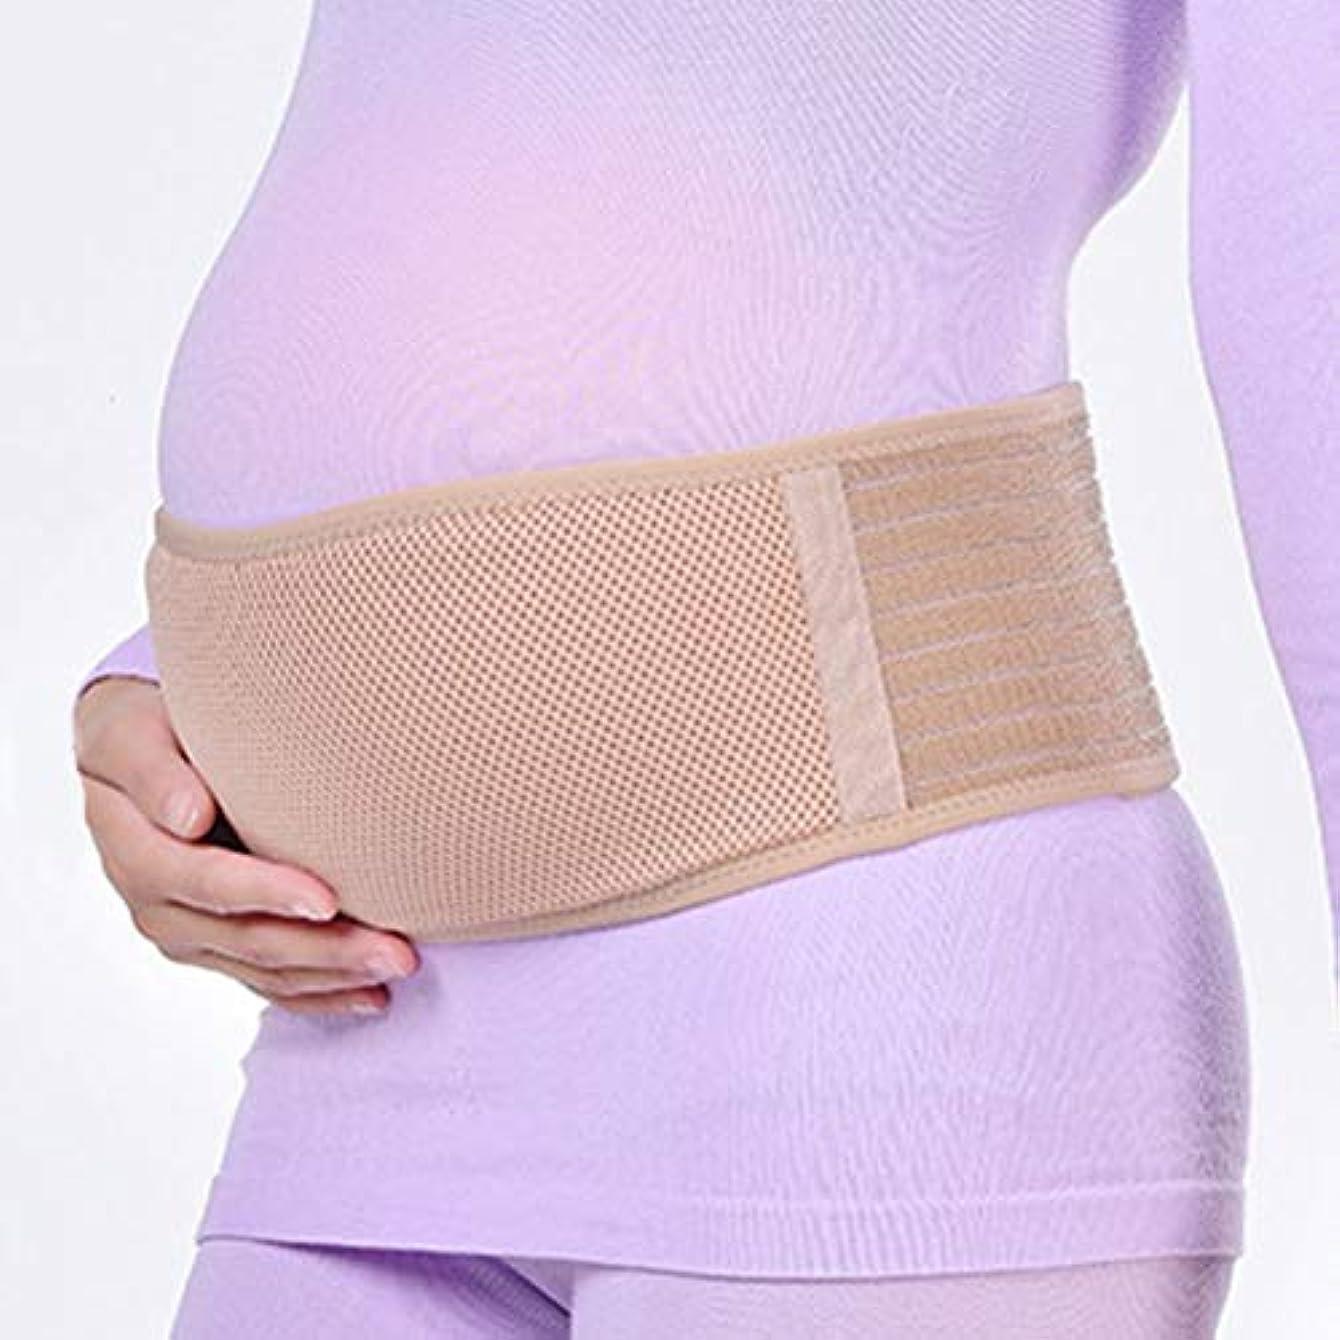 Healifty 妊婦 マタニティベルト 産前産後 腹部サポートベルト 骨盤ベルト 腰痛対策 冷房対策 通気性良 簡単装着 女性のマタニティ 腹バンド カーキ